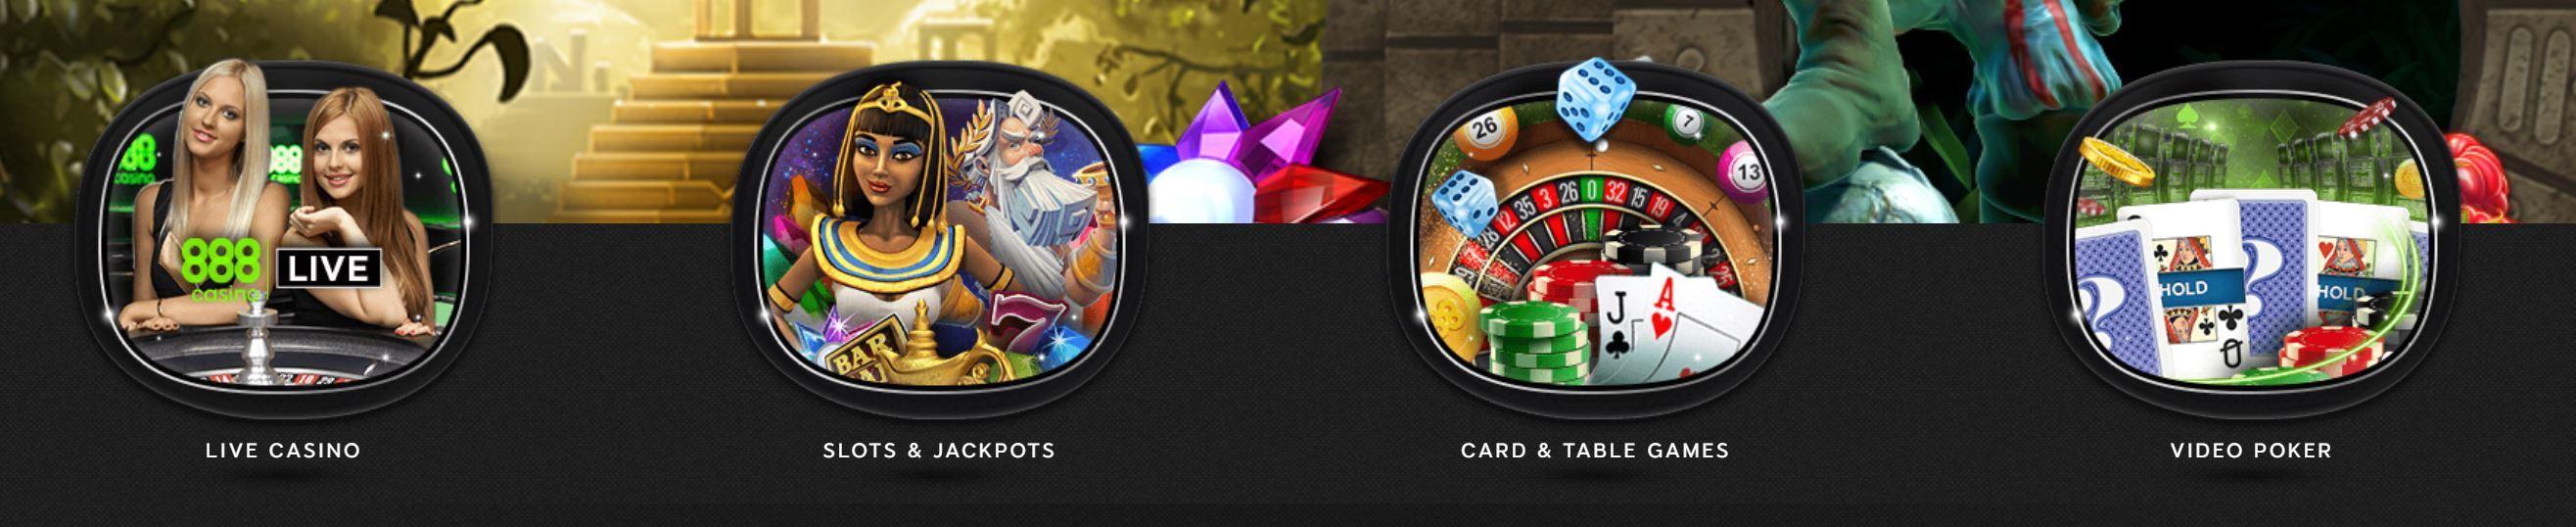 Las slots son una de las modalidades de juego más jugadas en este portal.